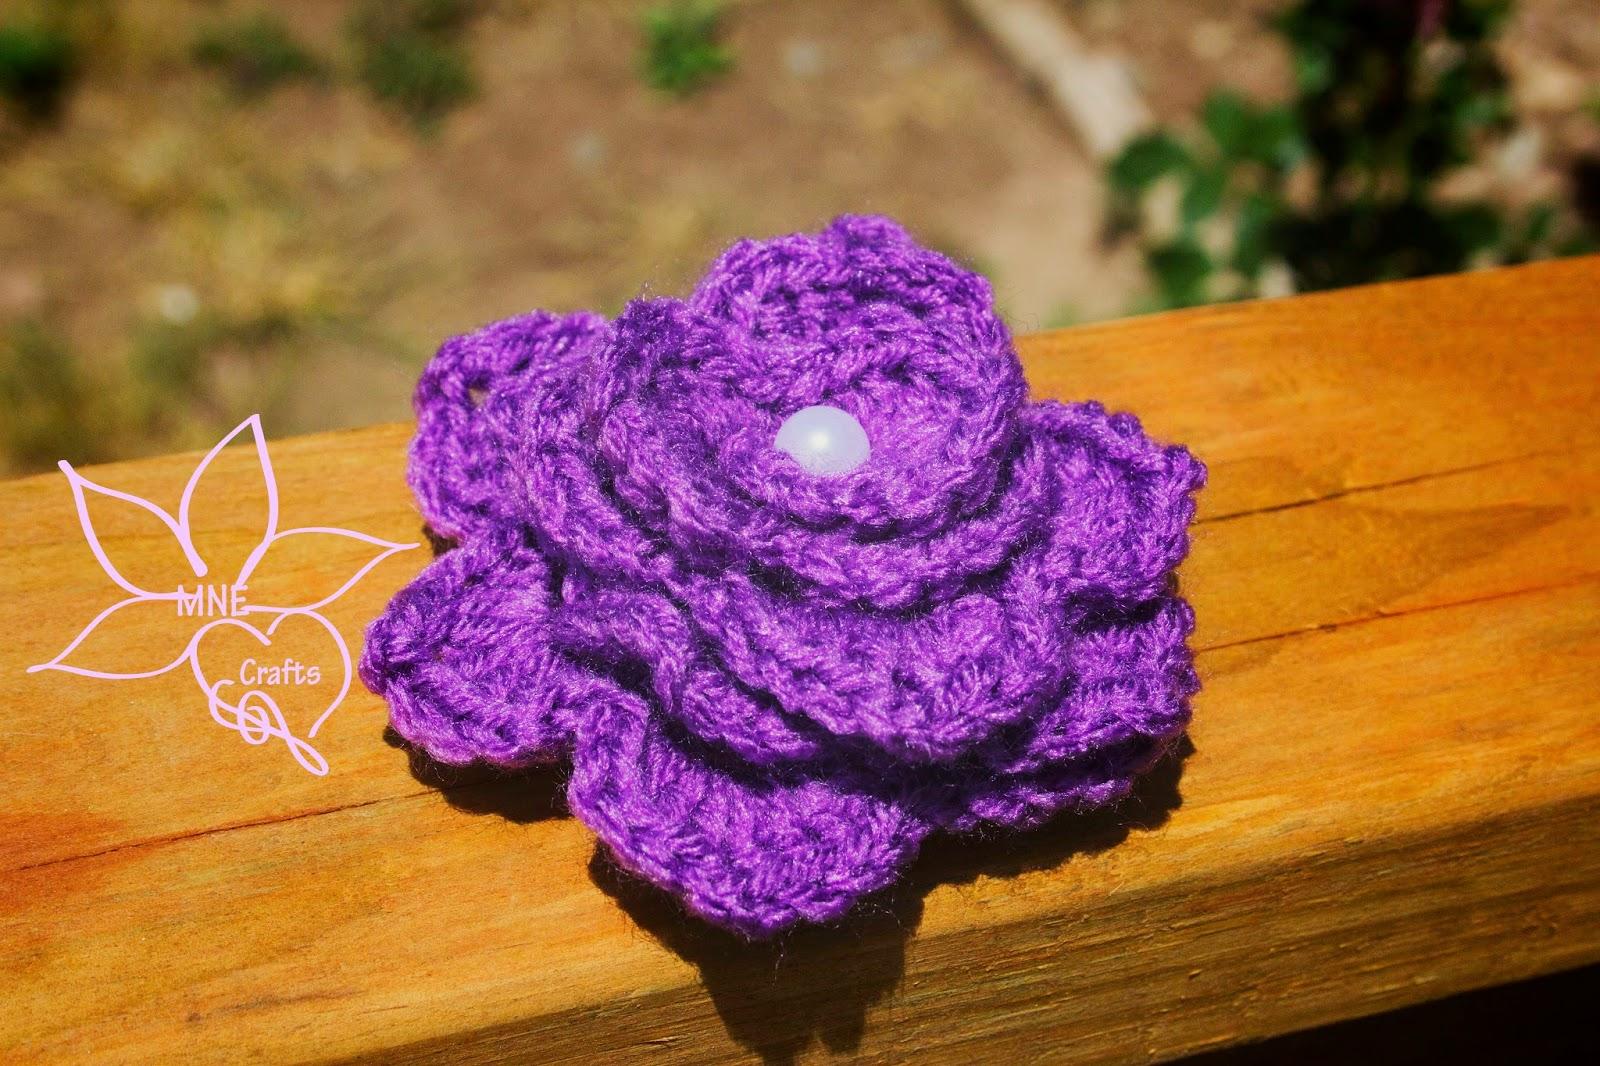 MNE Crafts: Random Pattern Find - Crocodile Stitch Flower